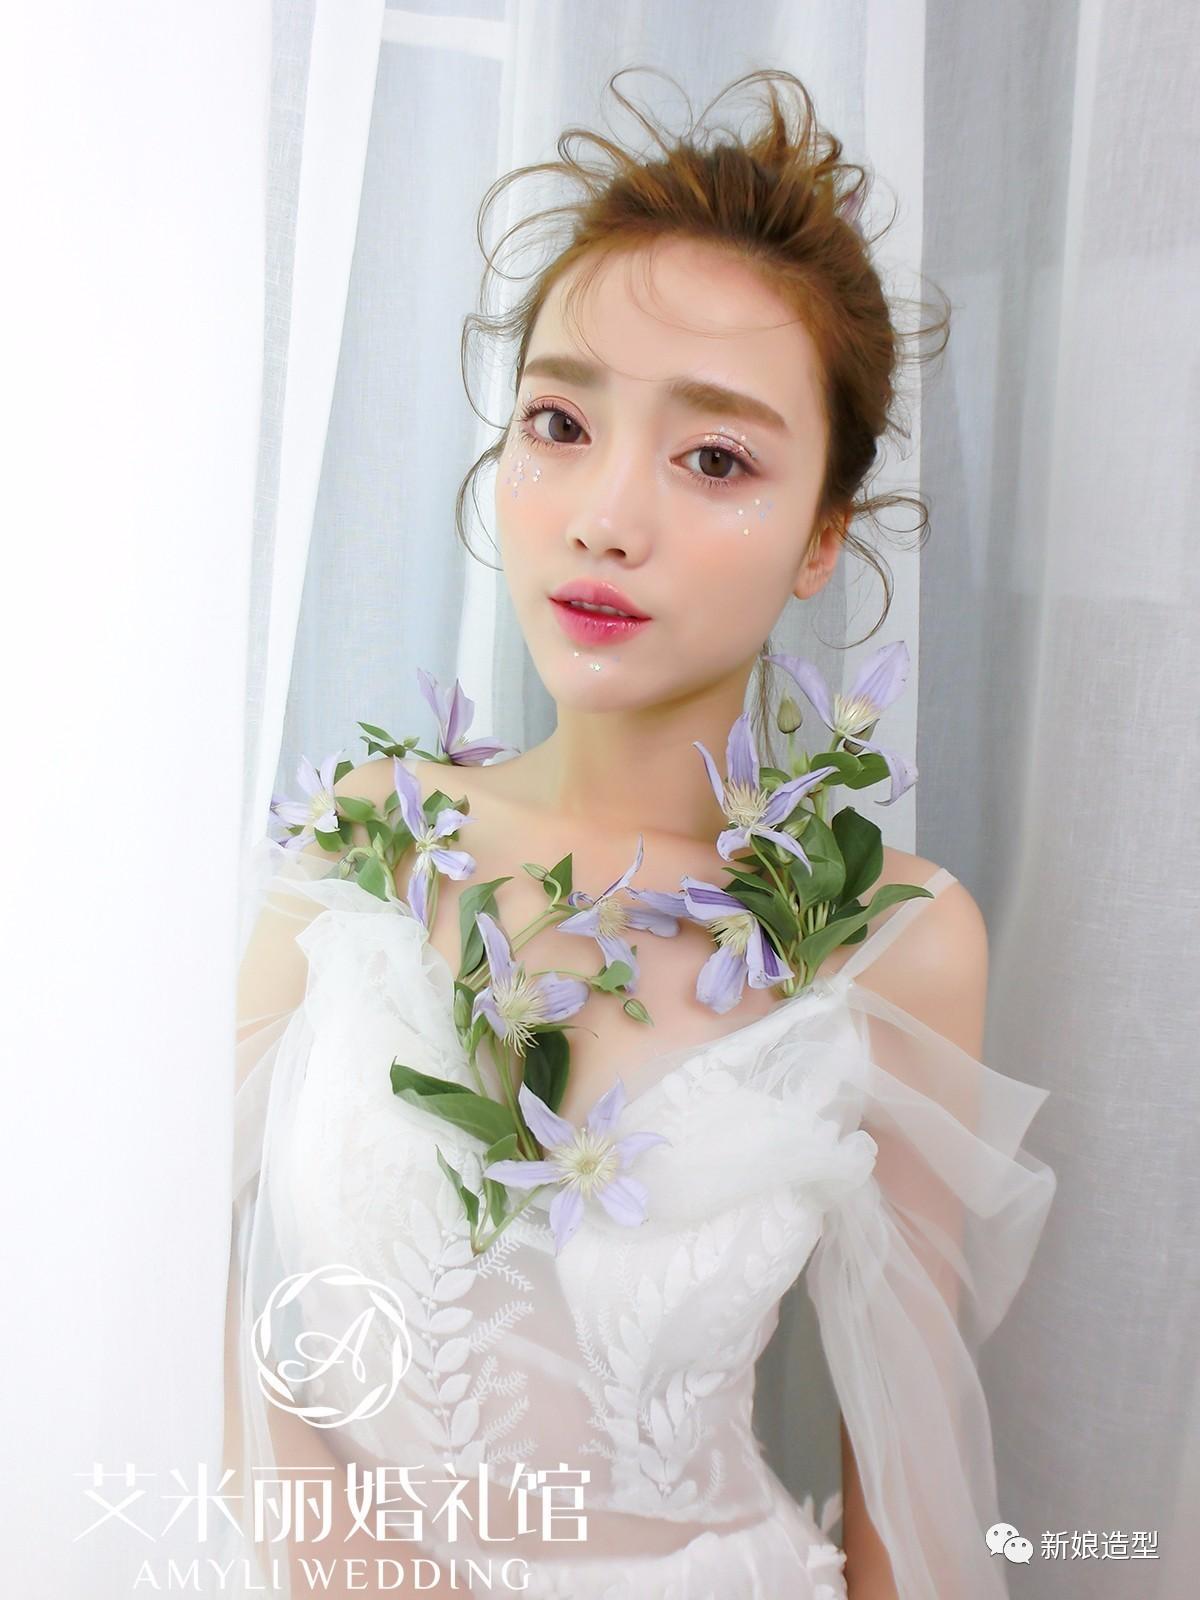 精彩推荐   2017年春夏新娘造型最新流行趋势发布   2017最新中式新娘图片